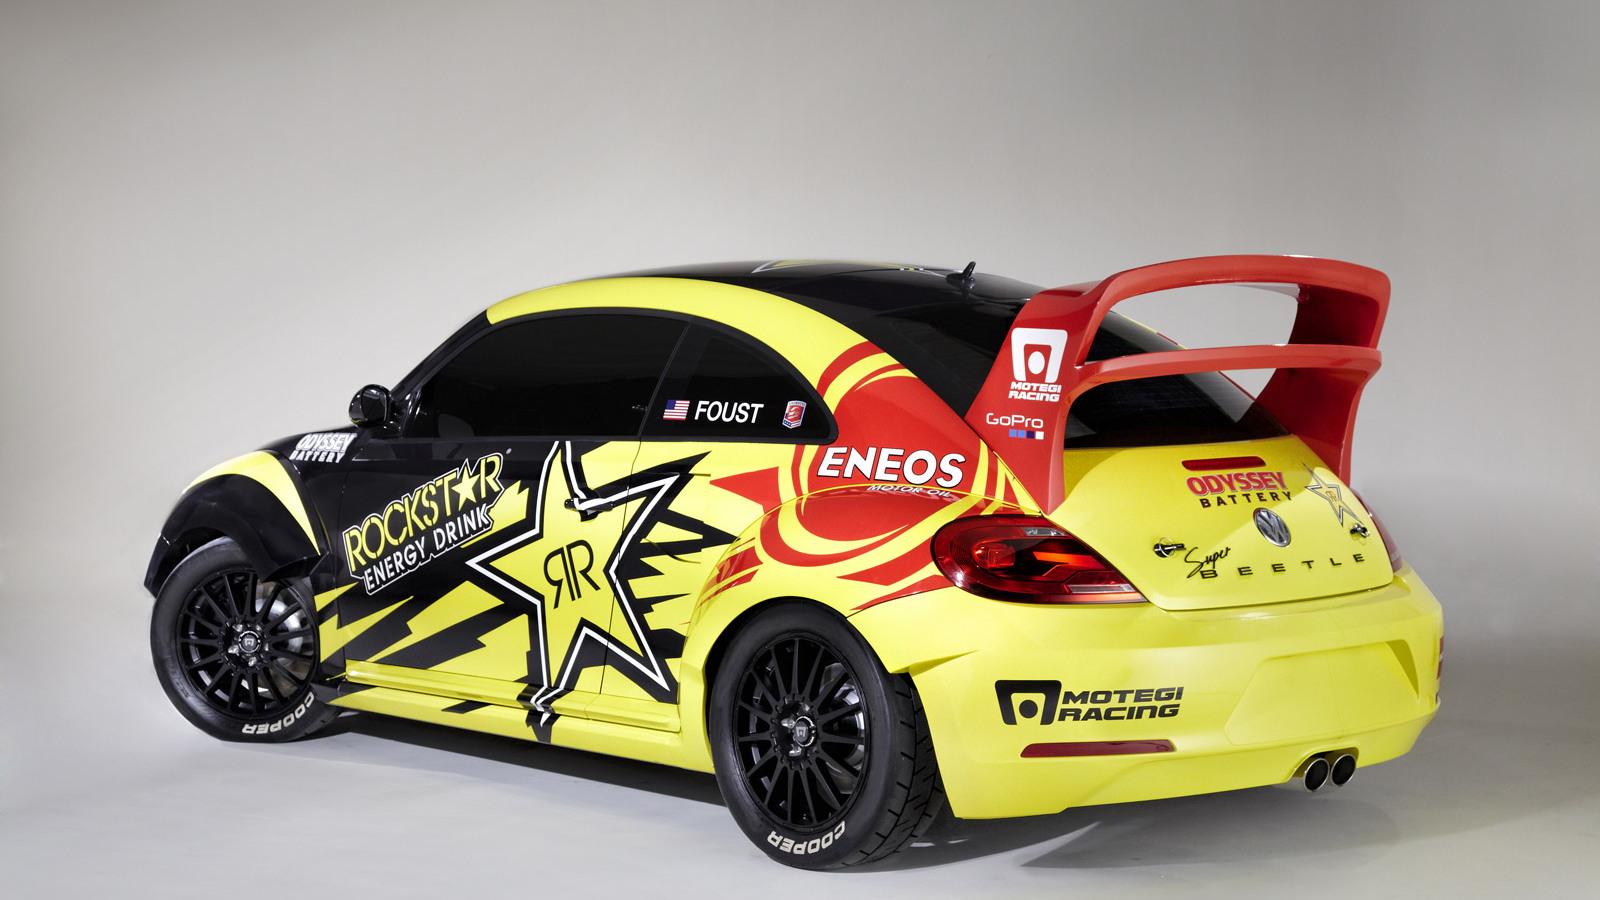 2014 Volkswagen Beetle Global RallyCross car